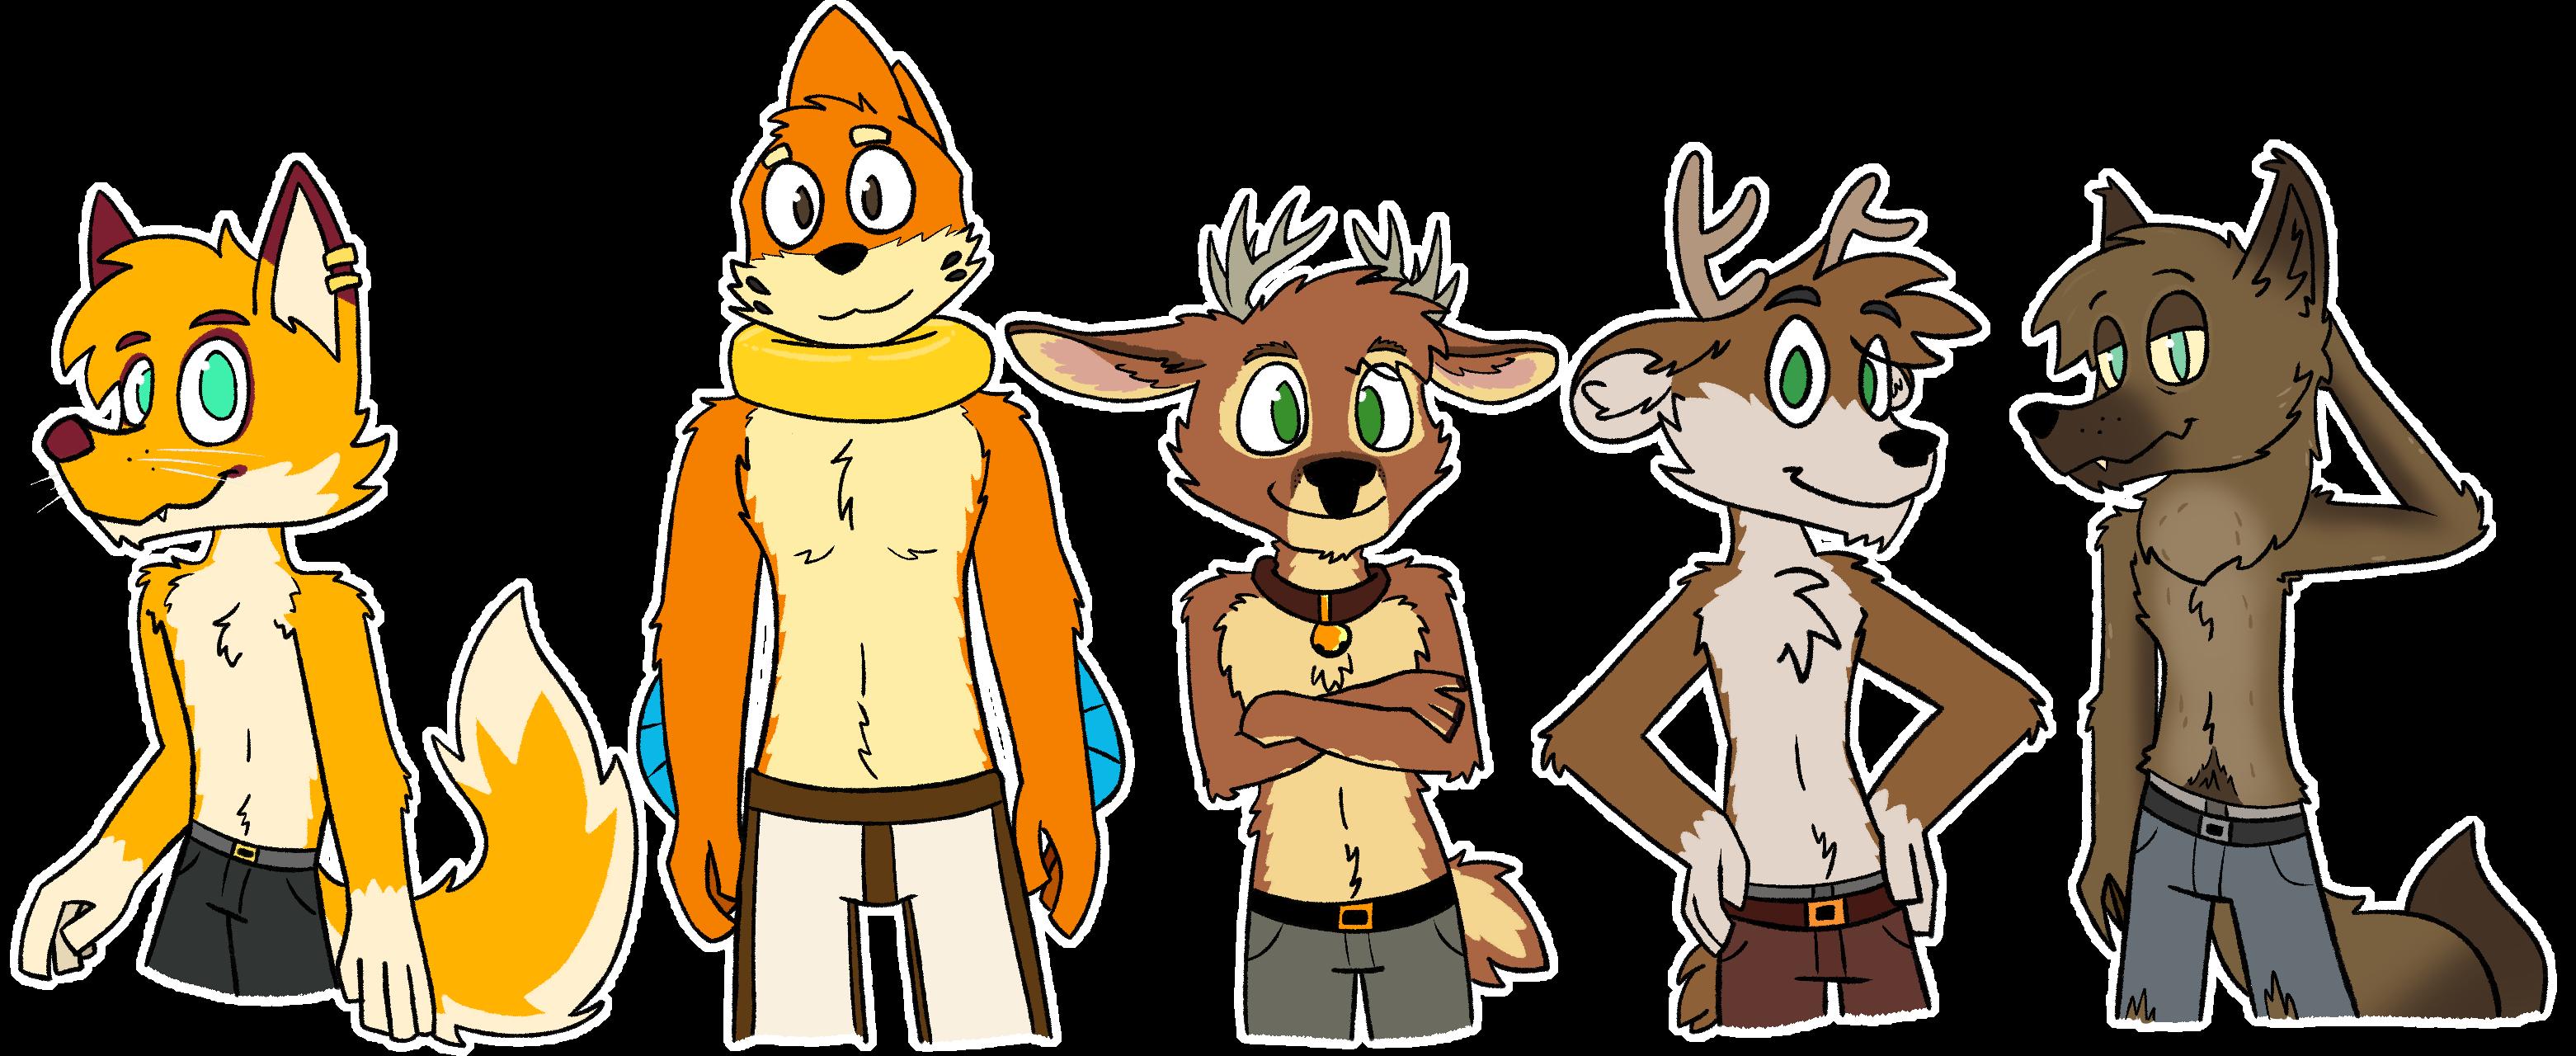 5 cute shirtless bois